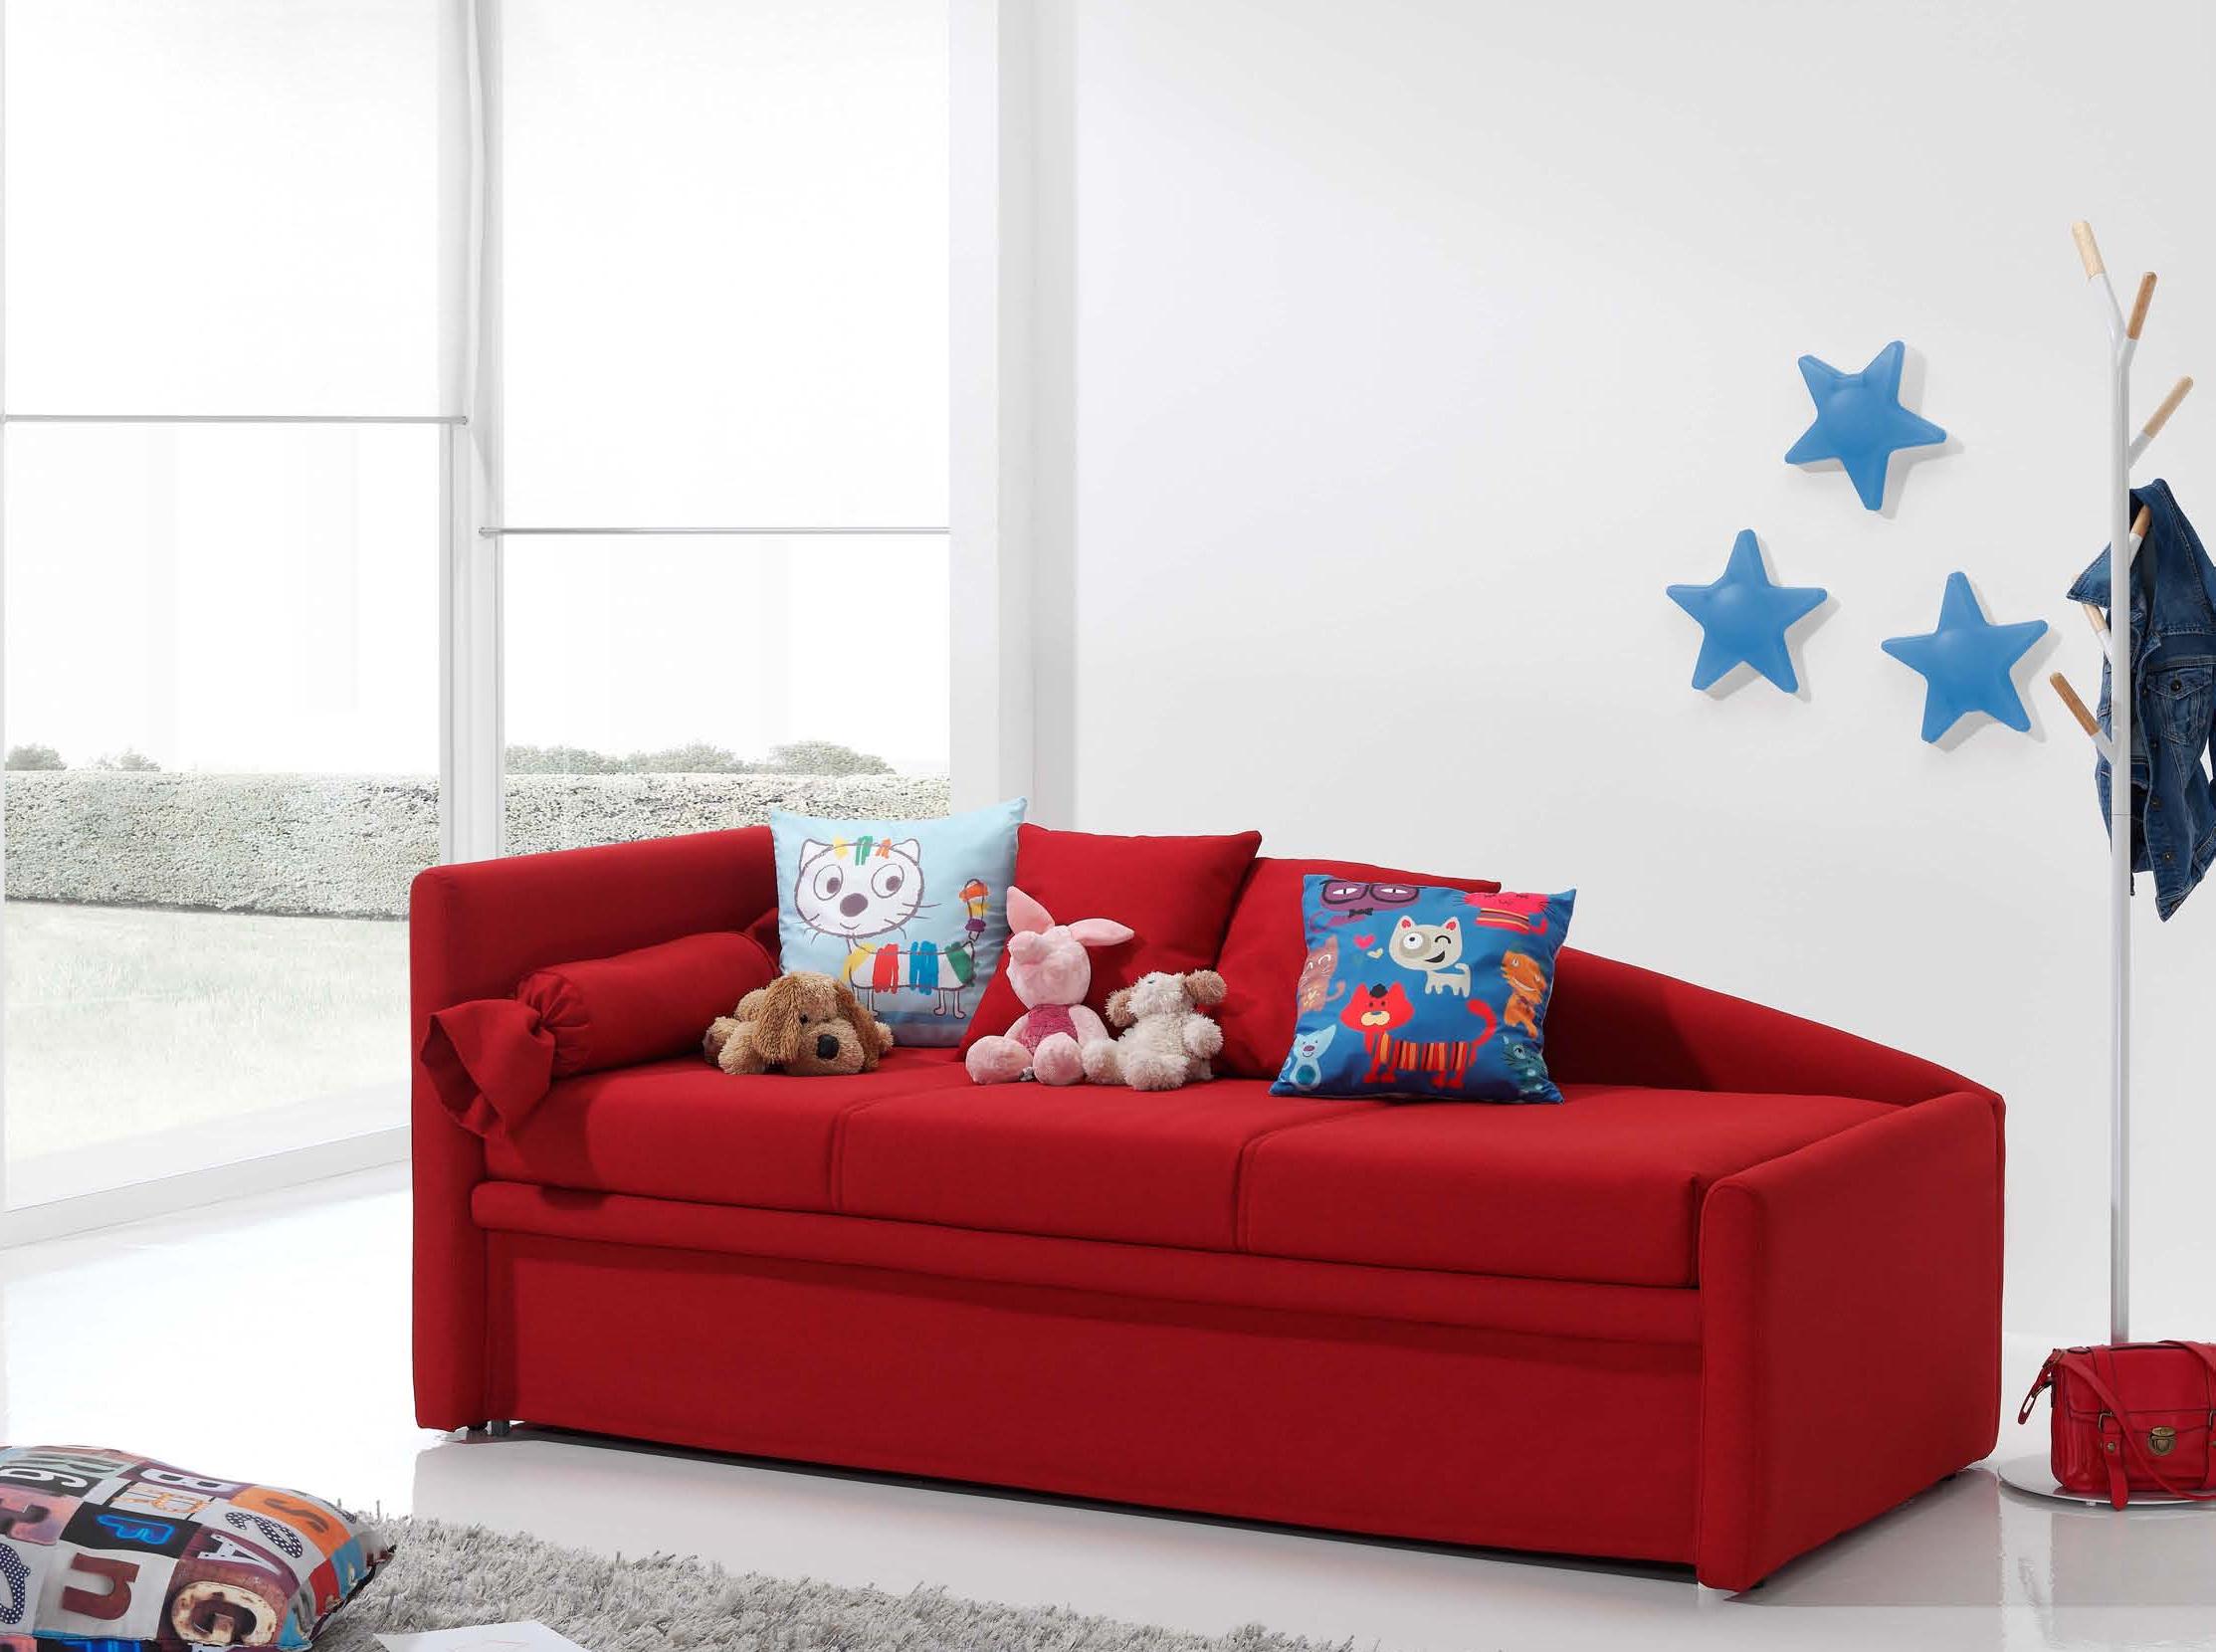 Sof cama estilo moderno muebles adama tienda de muebles for Sofa cama para habitacion juvenil